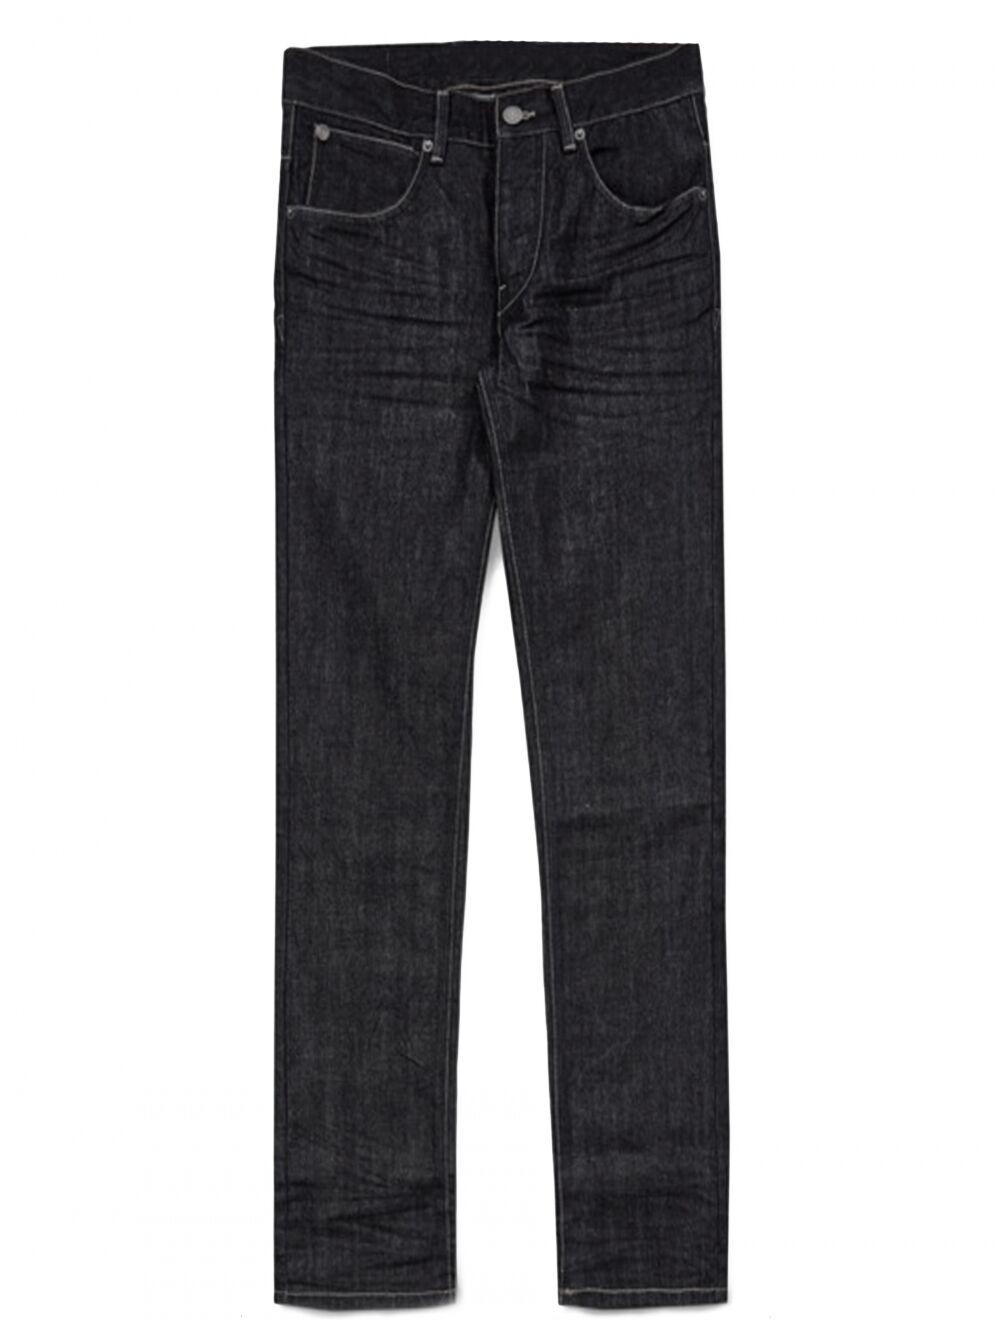 French Connection Dark Blau IND02 James Slim Fit Jeans  | Die Farbe ist sehr auffällig